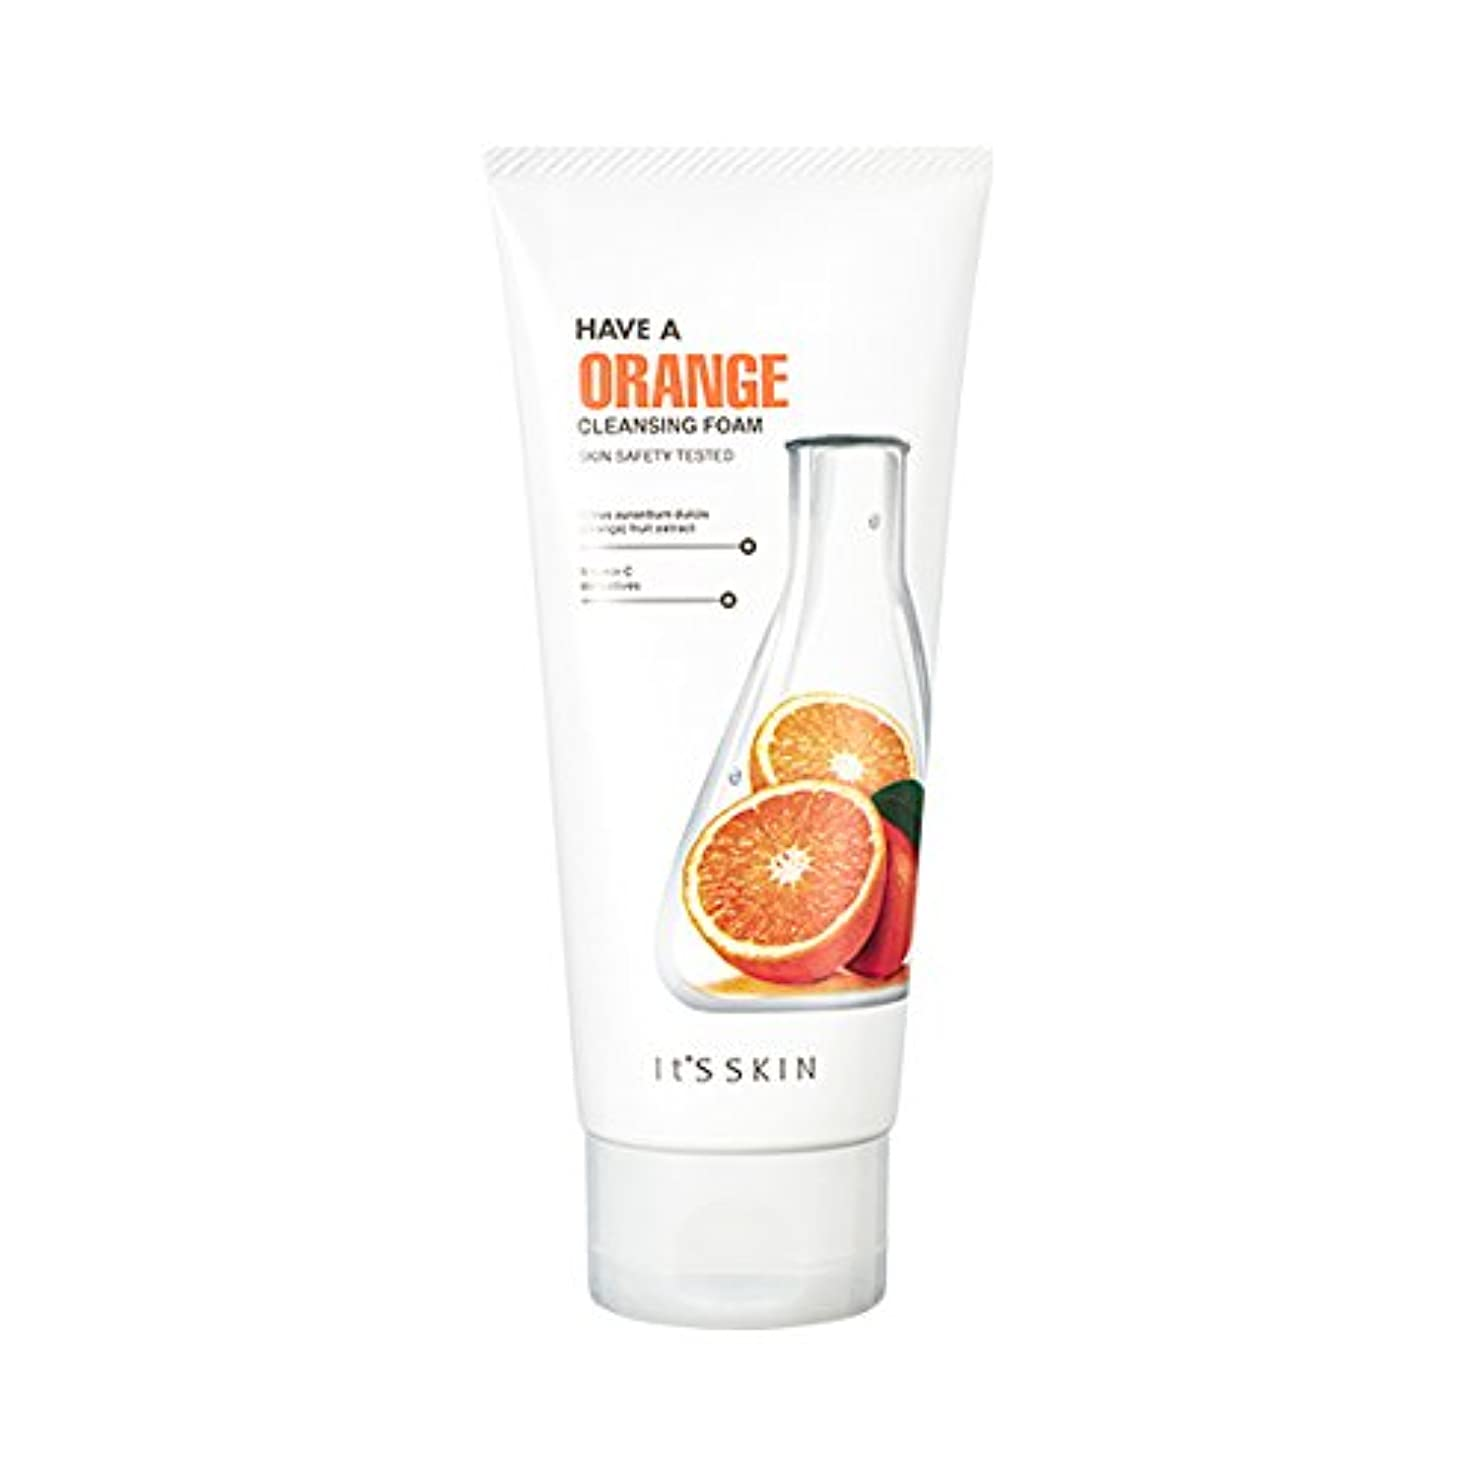 一貫性のない着服移住するIts skin Have a Orang Cleansing Foam/イッツスキン ハブア オレンジクレンジングフォーム [並行輸入品]